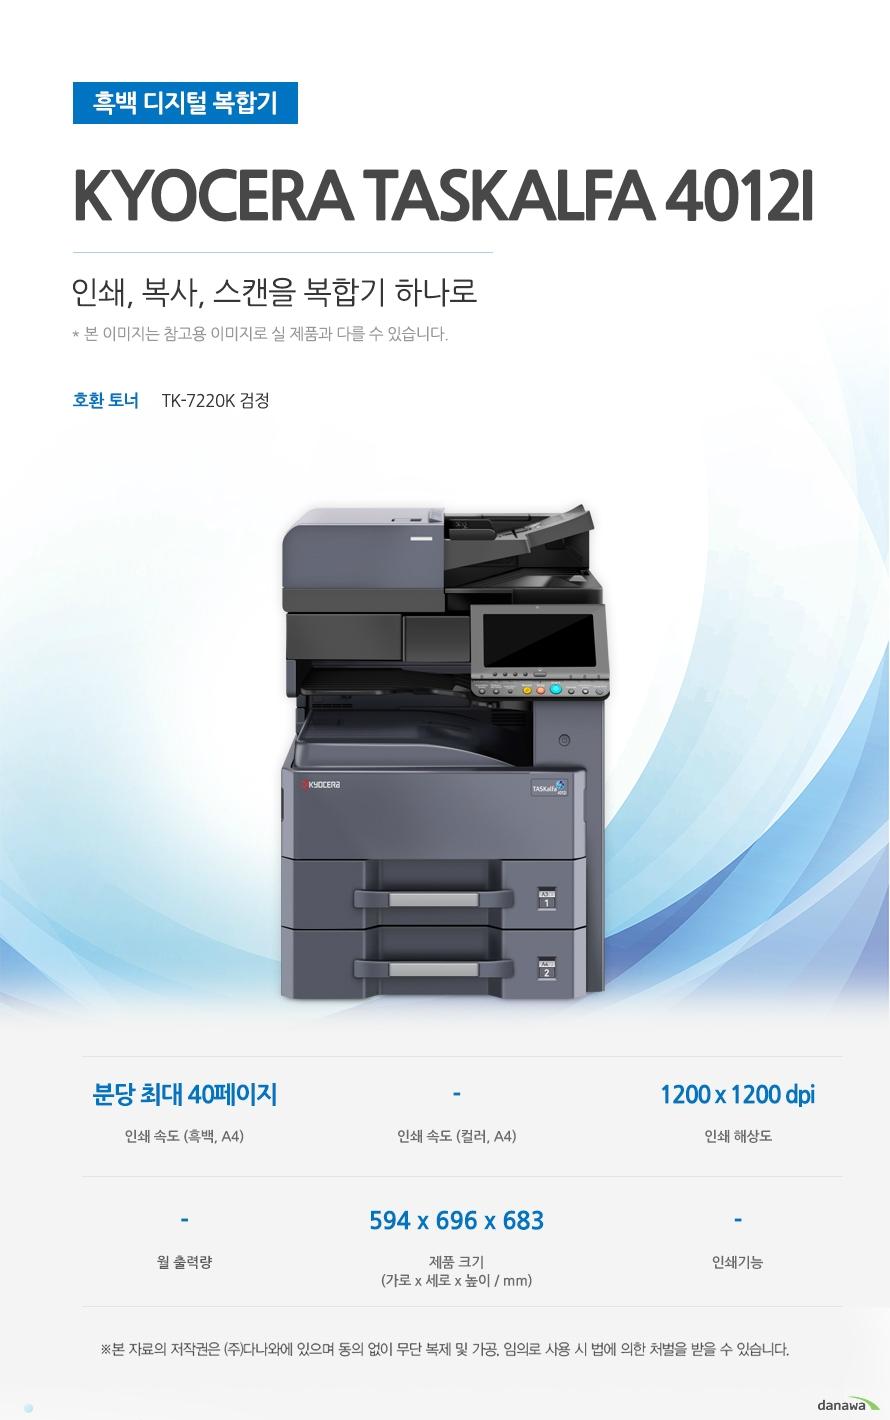 흑백 디지털 복합기  Kyocera TASKalfa 4012i (테이블 포함) 인쇄, 복사, 스캔을 복합기 하나로   호환 토너 TK-7220K 검정 인쇄 속도 (흑백, A4) 분당 최대 40페이지 / 인쇄 속도 (컬러, A4) - / 인쇄 해상도 1200 x 1200 dpi / 월 출력량 - / 제품 크기 (mm) 가로594 x 세로696 x 높이683 / 인쇄기능  -  최대 40ppm의 빠른 인쇄 속도  다양한 문서에 대한 빠른 인쇄로 가정, 학교, 사무실 등 어느 환경에서나 답답함 없이 문서를 출력하실 수 있습니다.  *ppm: pages per minute (1분에 출력하는 페이지 수) 흑백 출력 속도 40ppm 흑백 첫 장 인쇄 4.2초  효율적인 용지급지 용지함을 한 번 채워 넣으면 용지를 자주 채워줄 필요 없이 오랫 동안 사용할 수 있어, 업무 중 불필요한 시간 낭비를 줄여줍니다. *최대 용지함 개수와 최대 급지용량은 기본 장착이 아닙니다. 제품 구매 전 옵션 사항을 확인하세요. 최대 용지함(옵션) 4단 용지함 기본 급지 용량 1,100매 최대 급지 용량  4,100매  어느 공간에나 어울리는 컴팩트한 사이즈 컴팩트한 사이즈로 다양한 환경에서 부담없이 설치하고 효율적으로 배치시킬 수 있습니다.  (mm) 가로594 x 세로696 x 높이683  사무환경에 맞는 인쇄, 복사 및 스캔 기능 인쇄, 복사 및 스캔 기능을 결합하여 불필요한 시간 절약은 물론, 더욱 효율적인 처리가 가능합니다. *팩스의 경우 기본장착이 아닙니다. 제품 구매 전 옵션 사항을 확인 하세요.